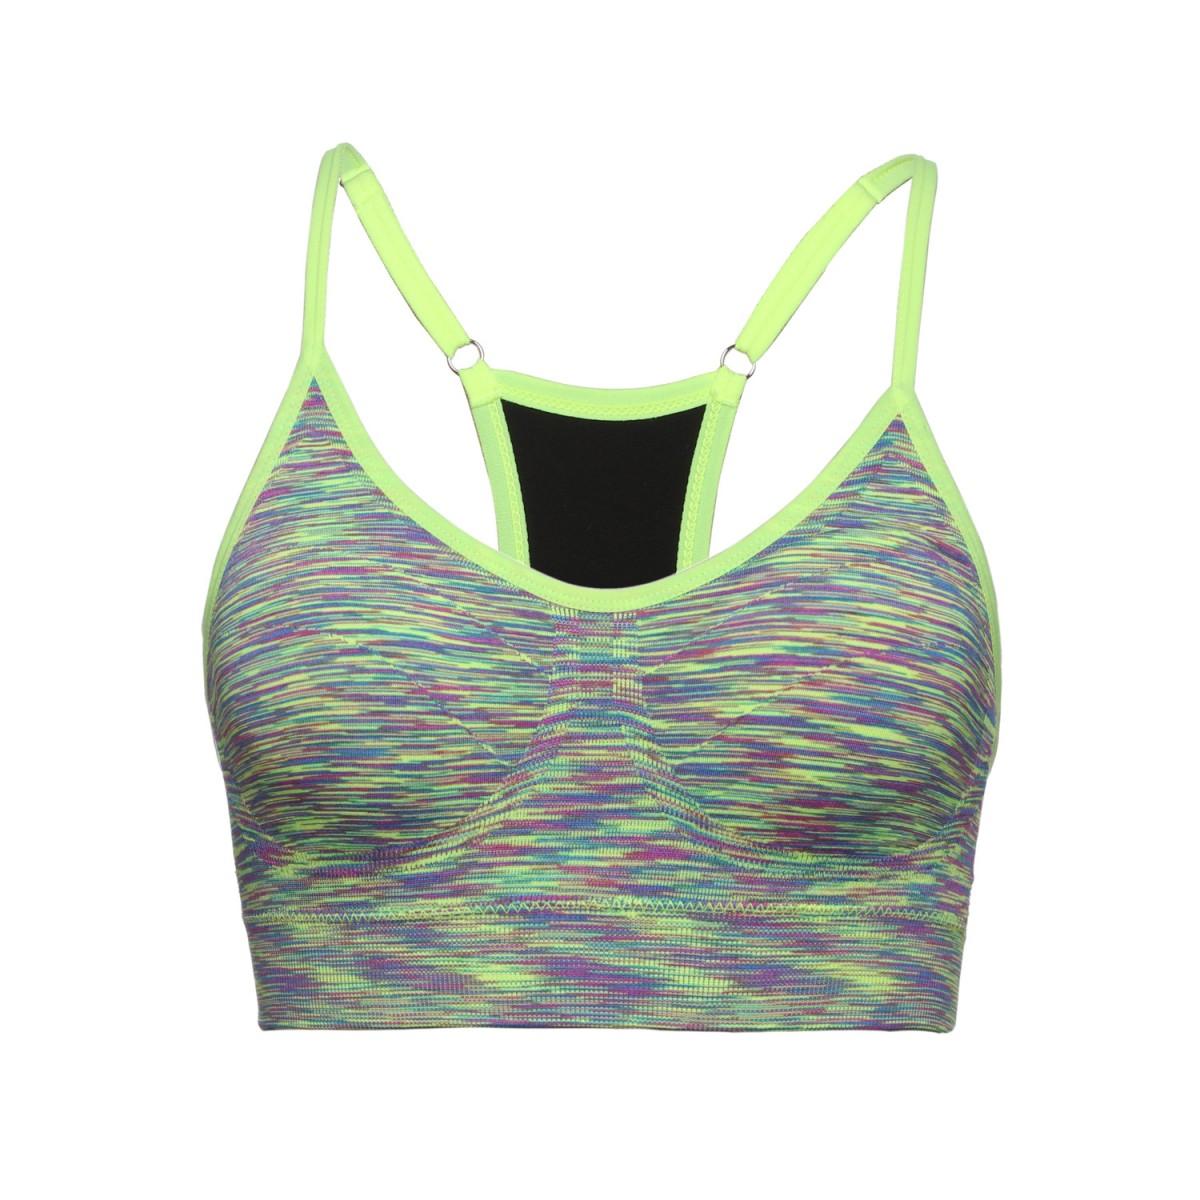 Sports bra - Gojilove light sports bra